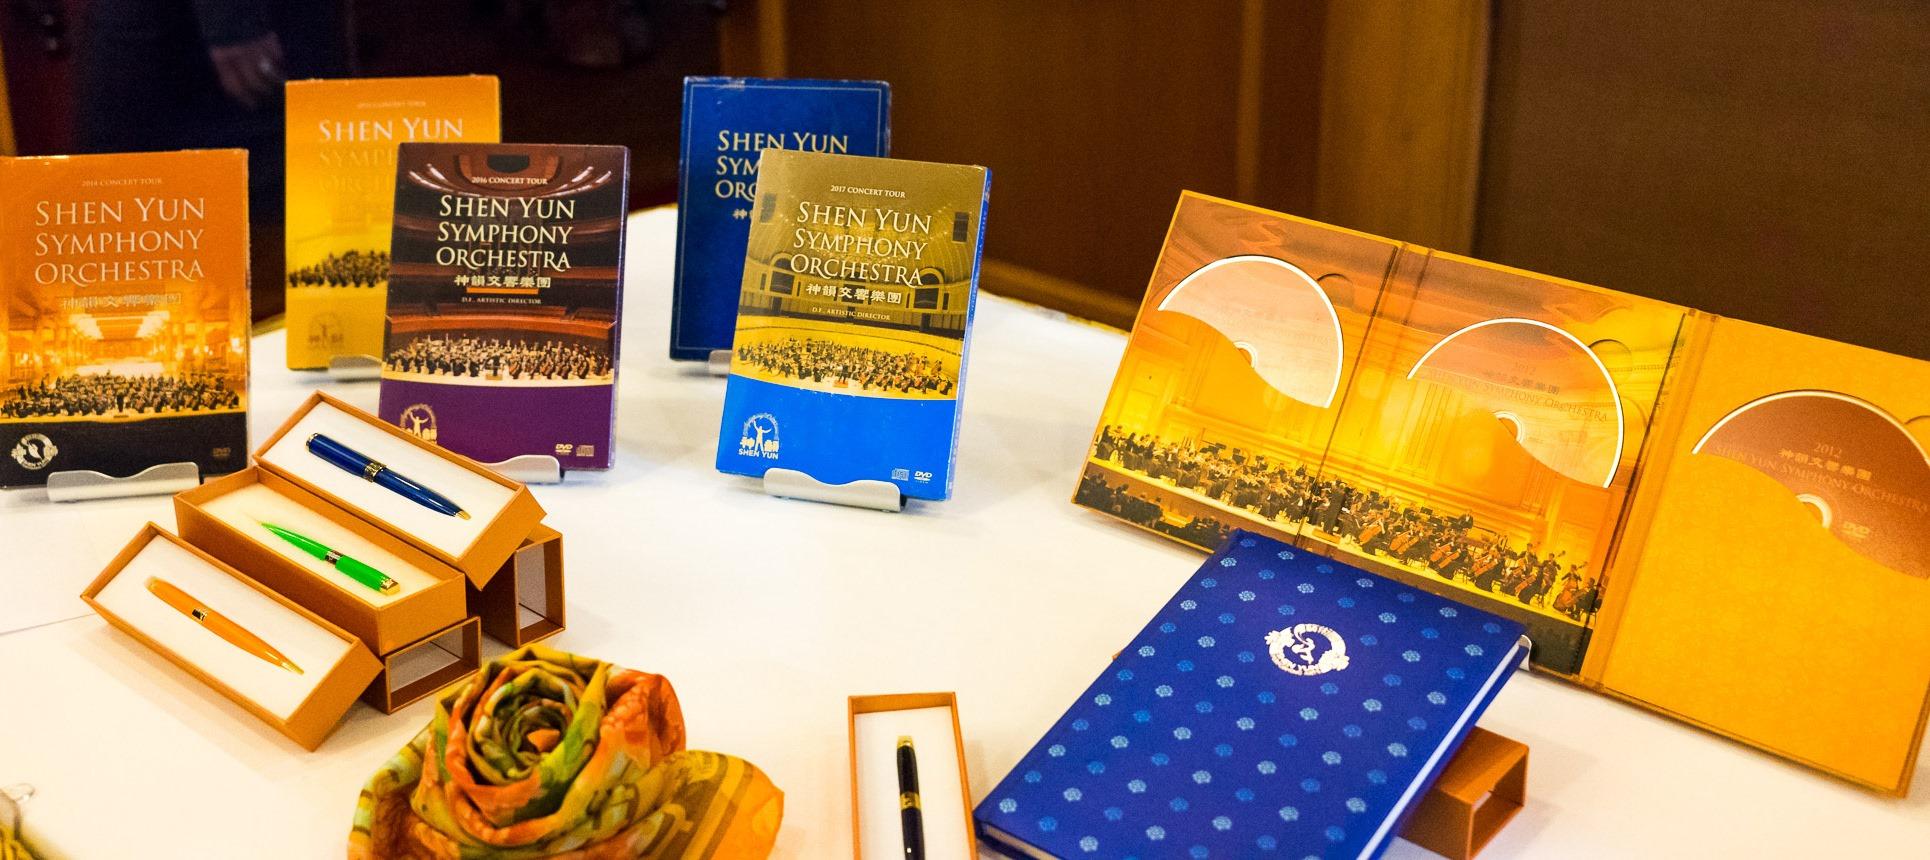 Cảm nhận về Dàn nhạc Giao hưởng Shen Yun